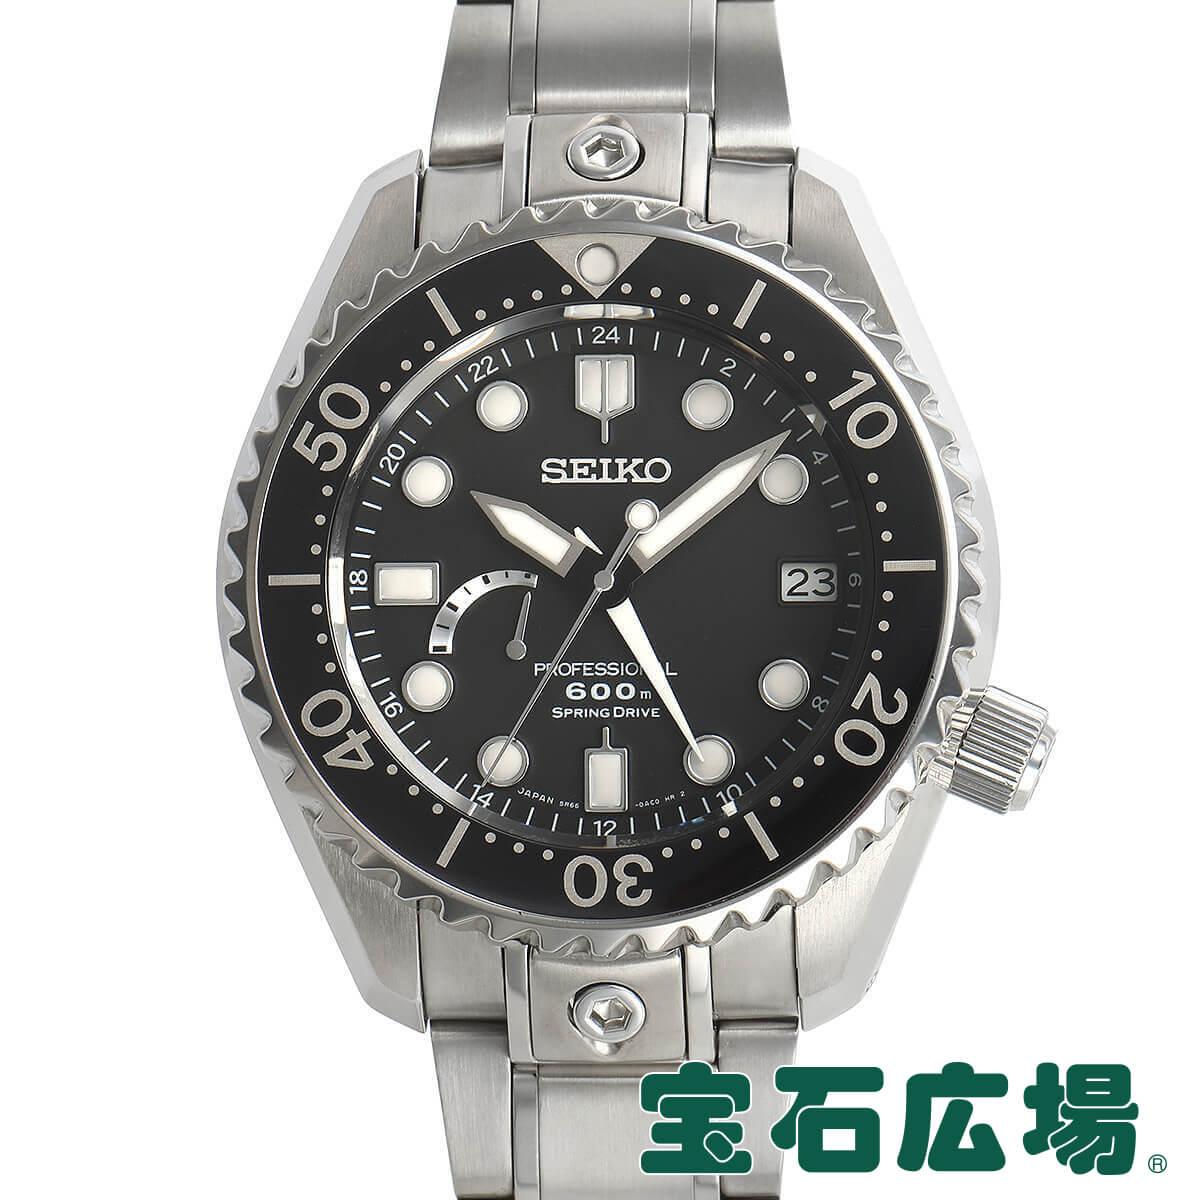 セイコー SEIKO マリーンマスター プロフェッショナル SBDB001 5R66-0ADO【中古】メンズ 腕時計 送料・代引手数料無料